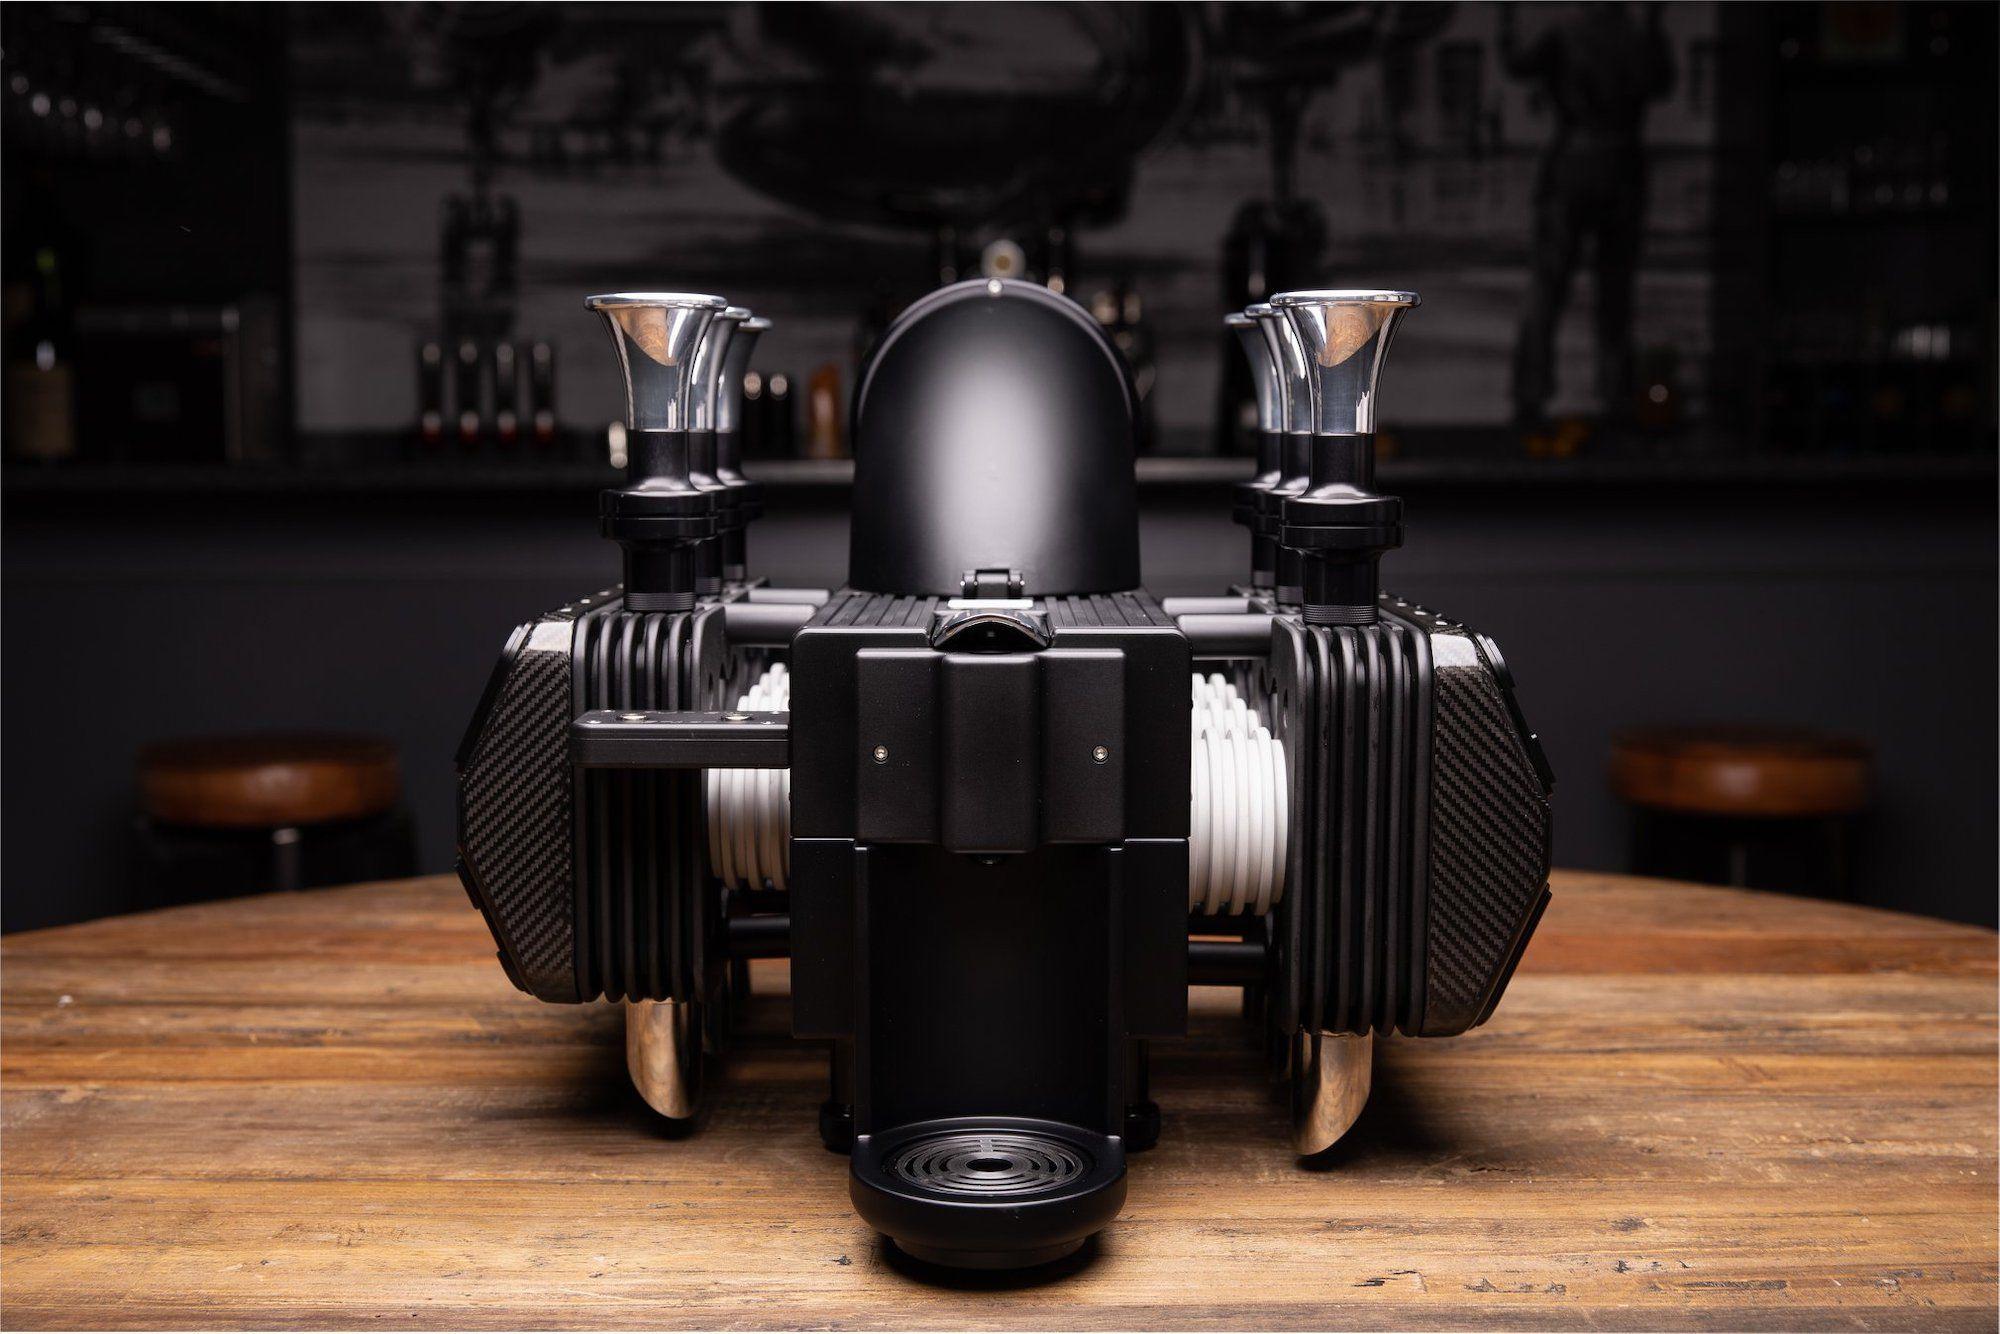 This US$11K Espresso Machine Was Modelled After A Porsche Engine